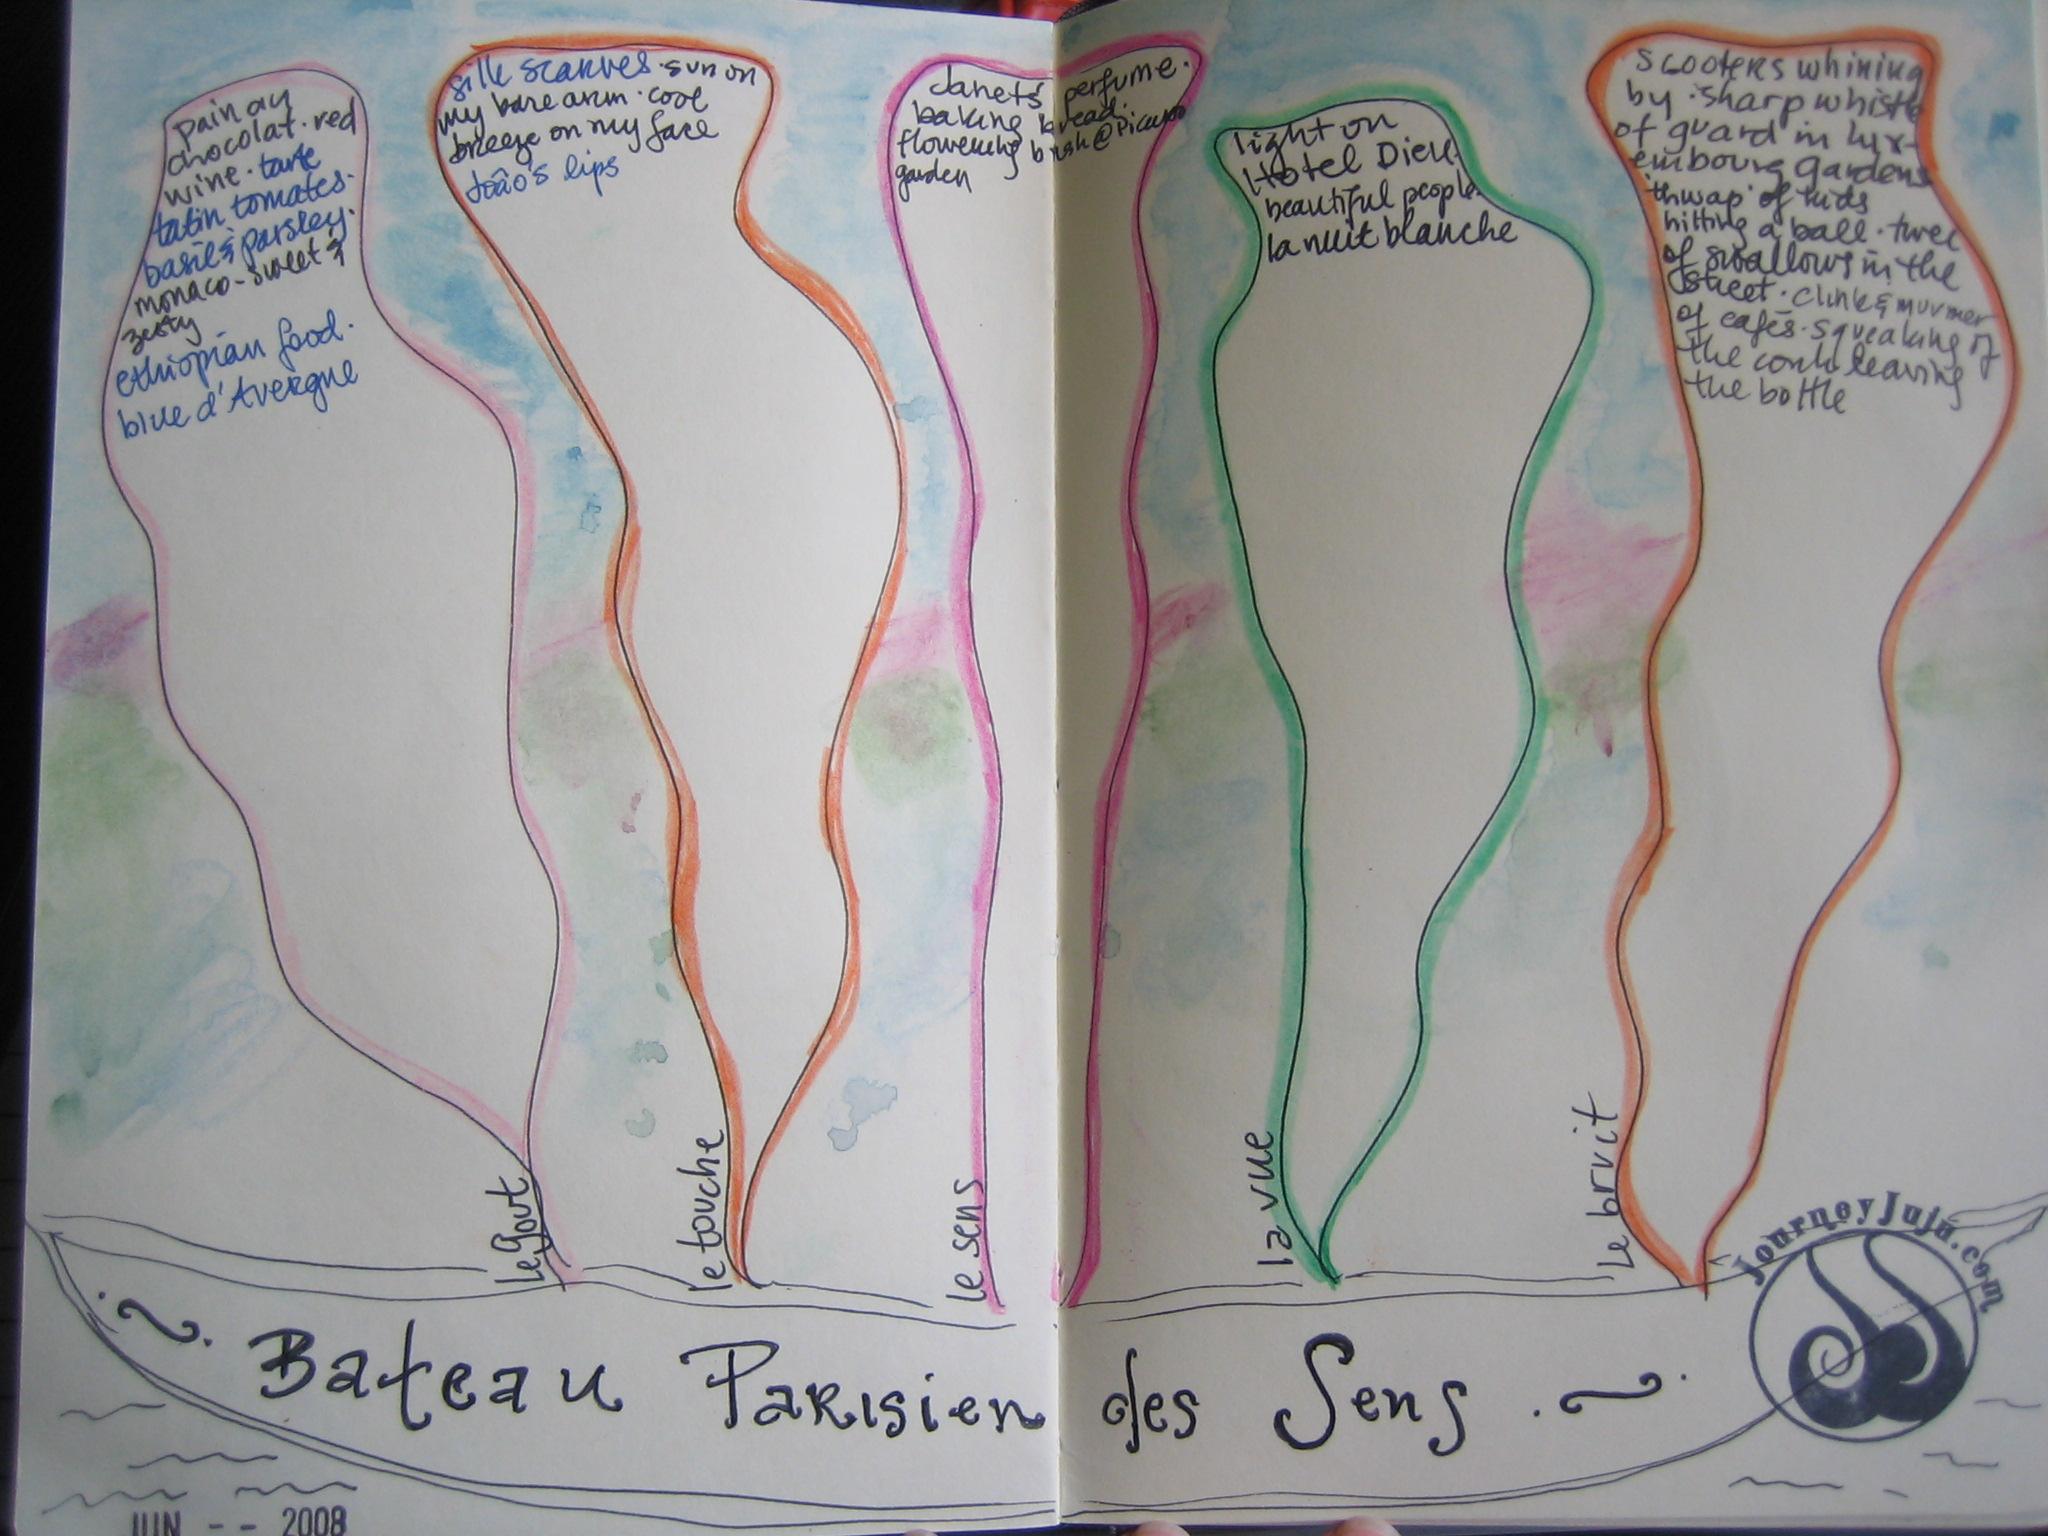 shopaholic essay essay on ww warfare essay trench warfare research paper why did essay term paper shopaholic dream